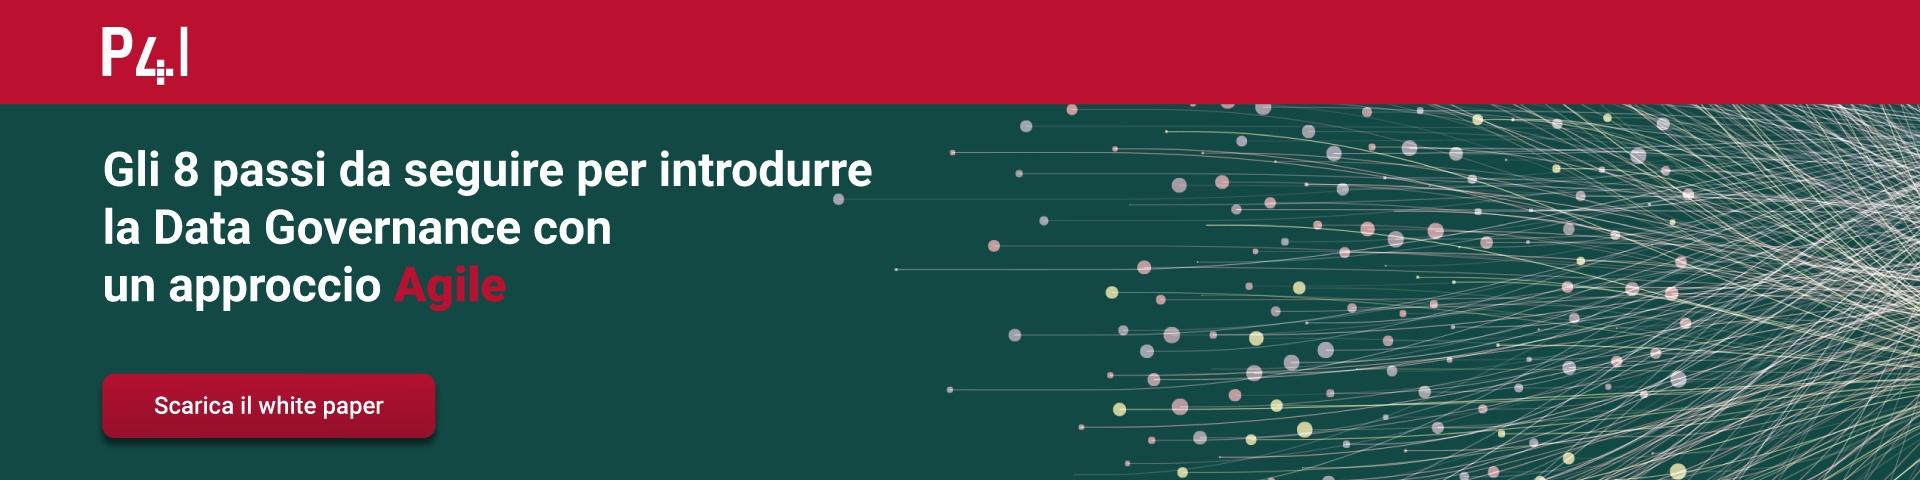 """Clicca qui e scarica il White Paper """"Gli 8 passi da seguire per introdurre la Data Governance con un approccio Agile"""""""